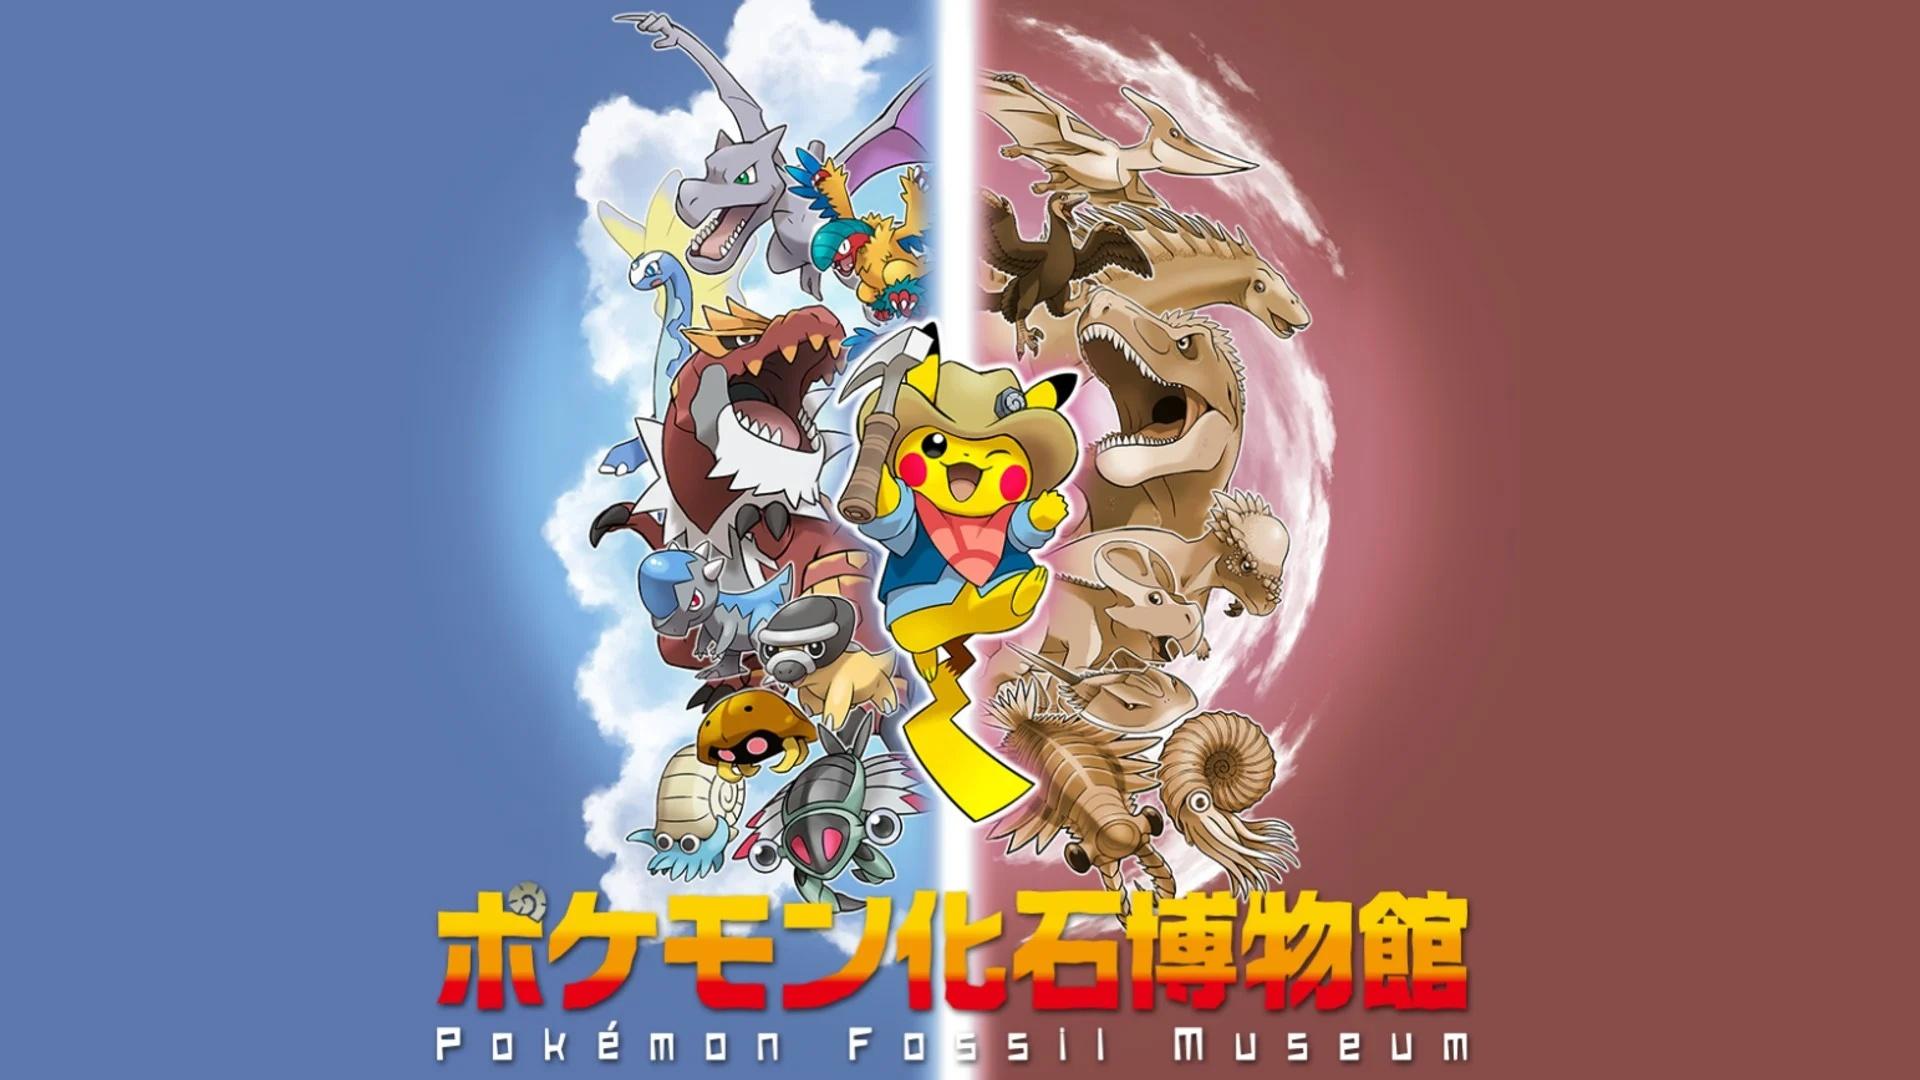 Reale Pokémon-Ausstellung zeigt Fossil-Pokémon und ihre Dinosaurier-Vorbilder